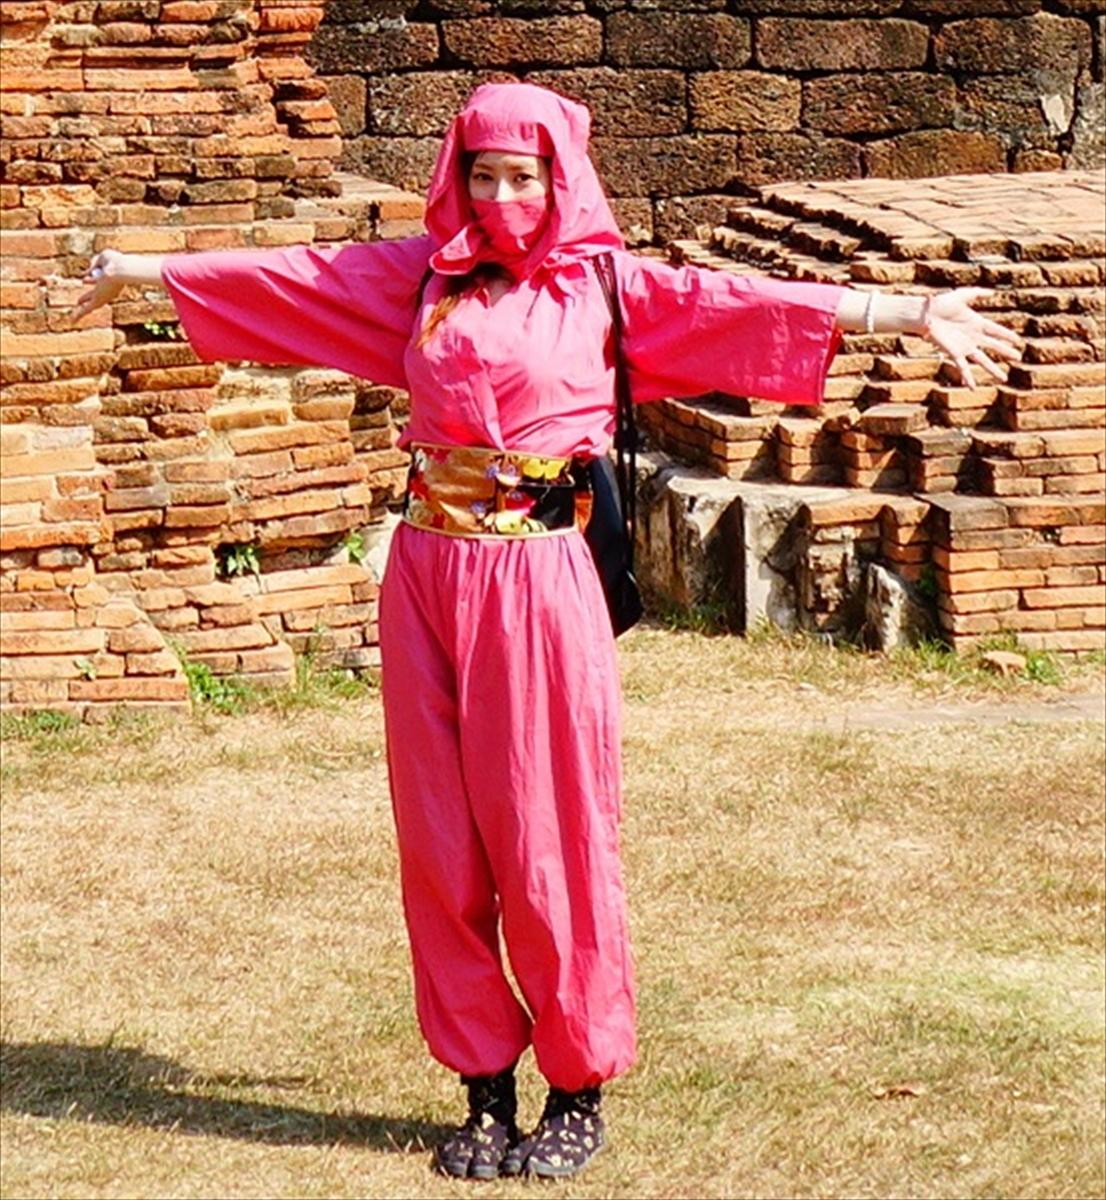 「忍者 美人」の画像検索結果